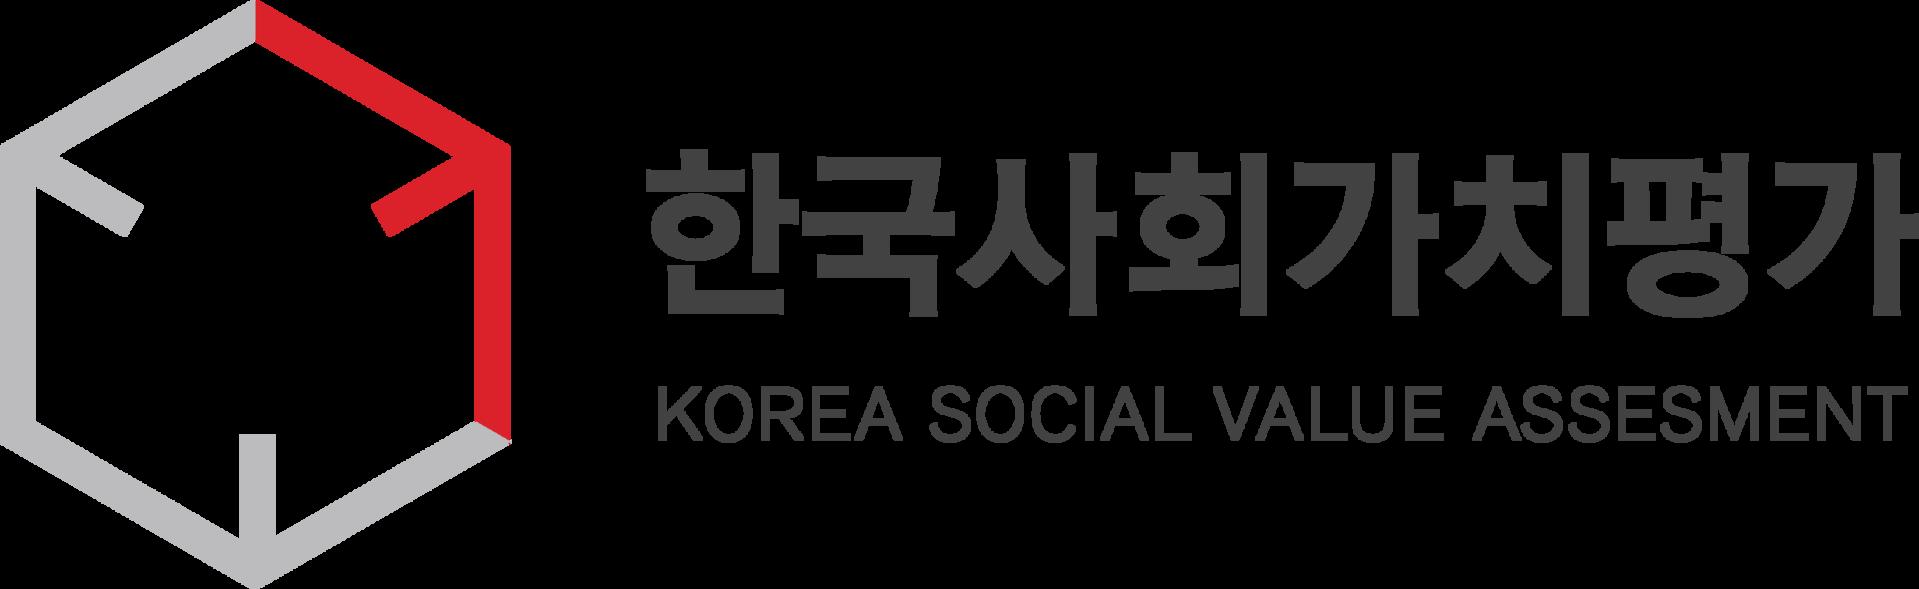 한국사회가치평가